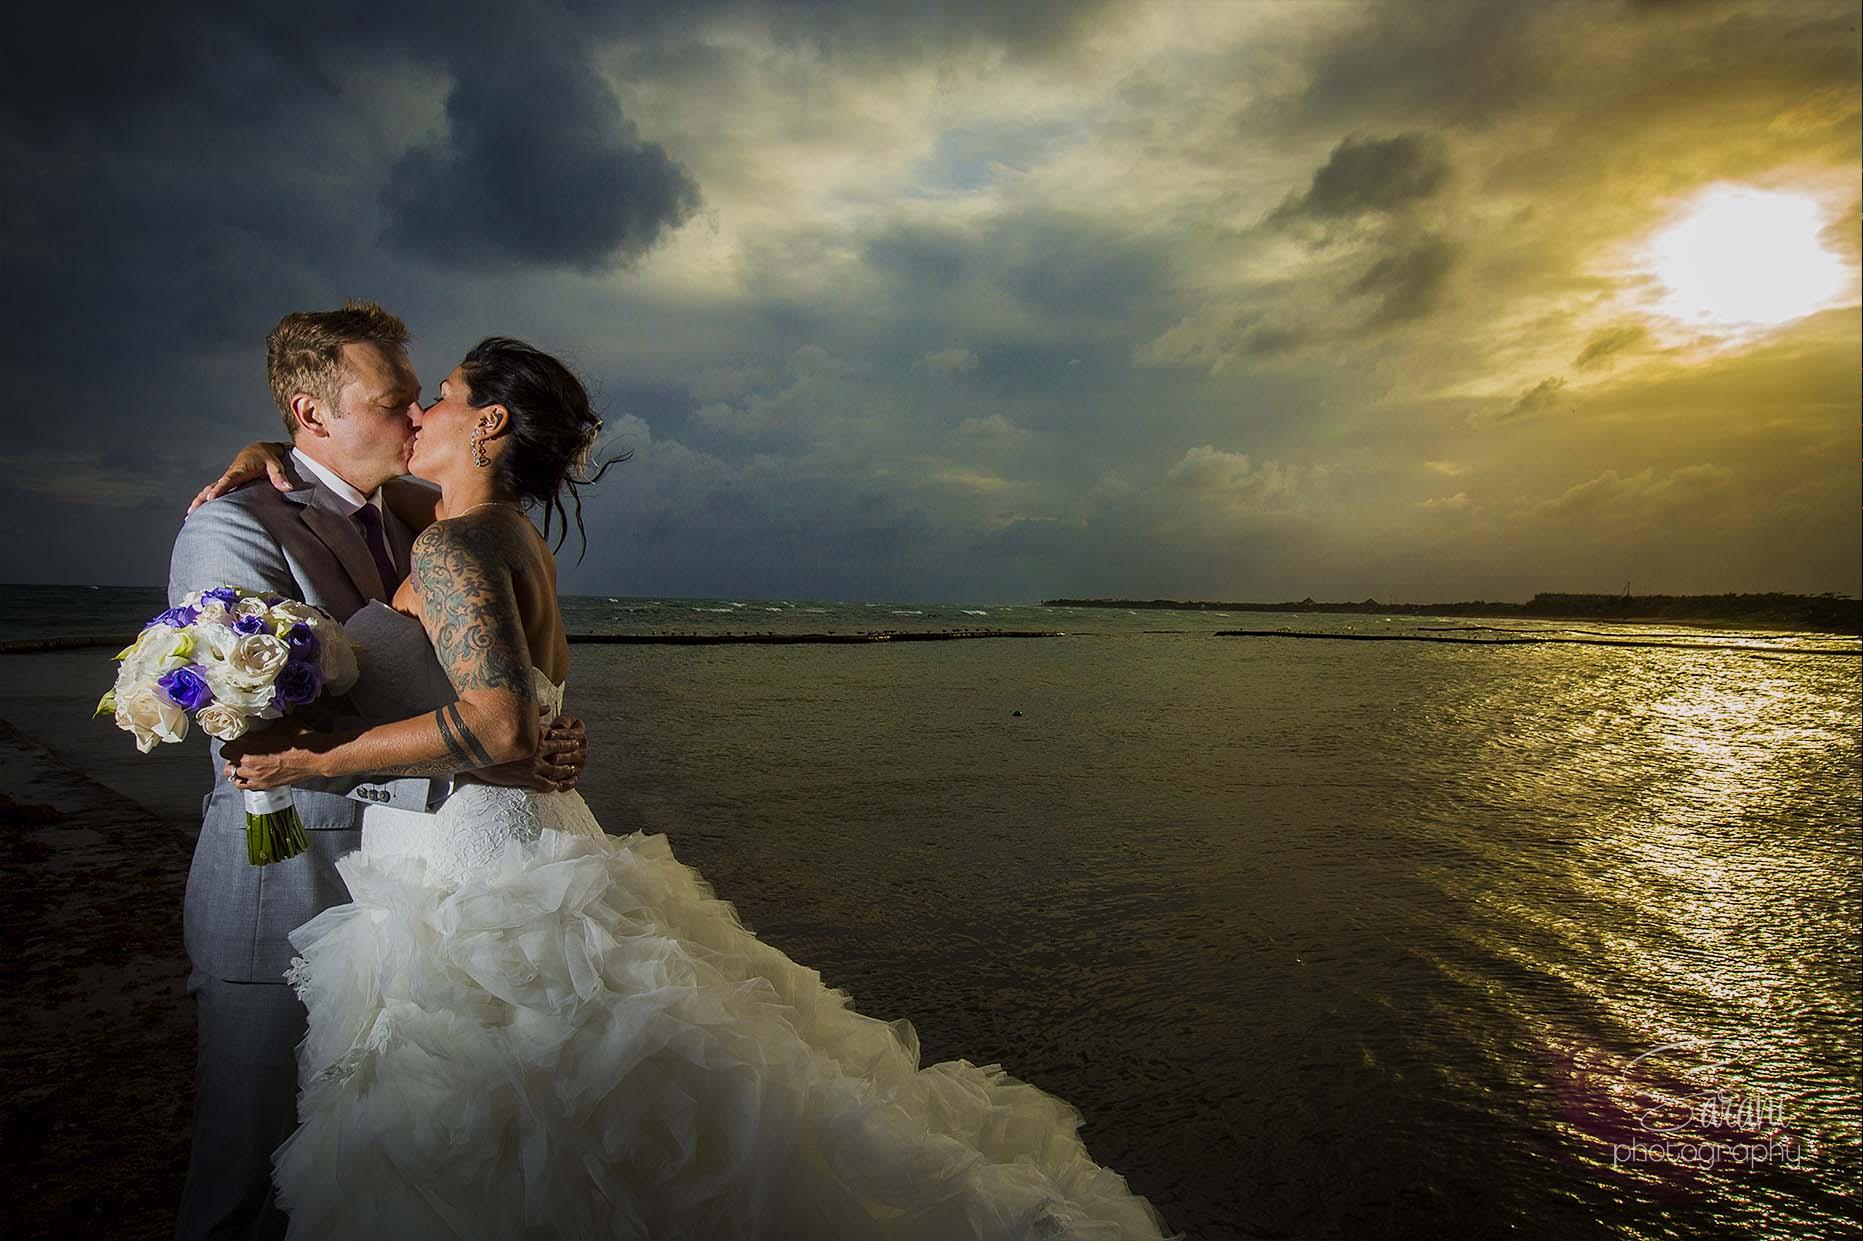 El Dorado Seaside Wedding Photography